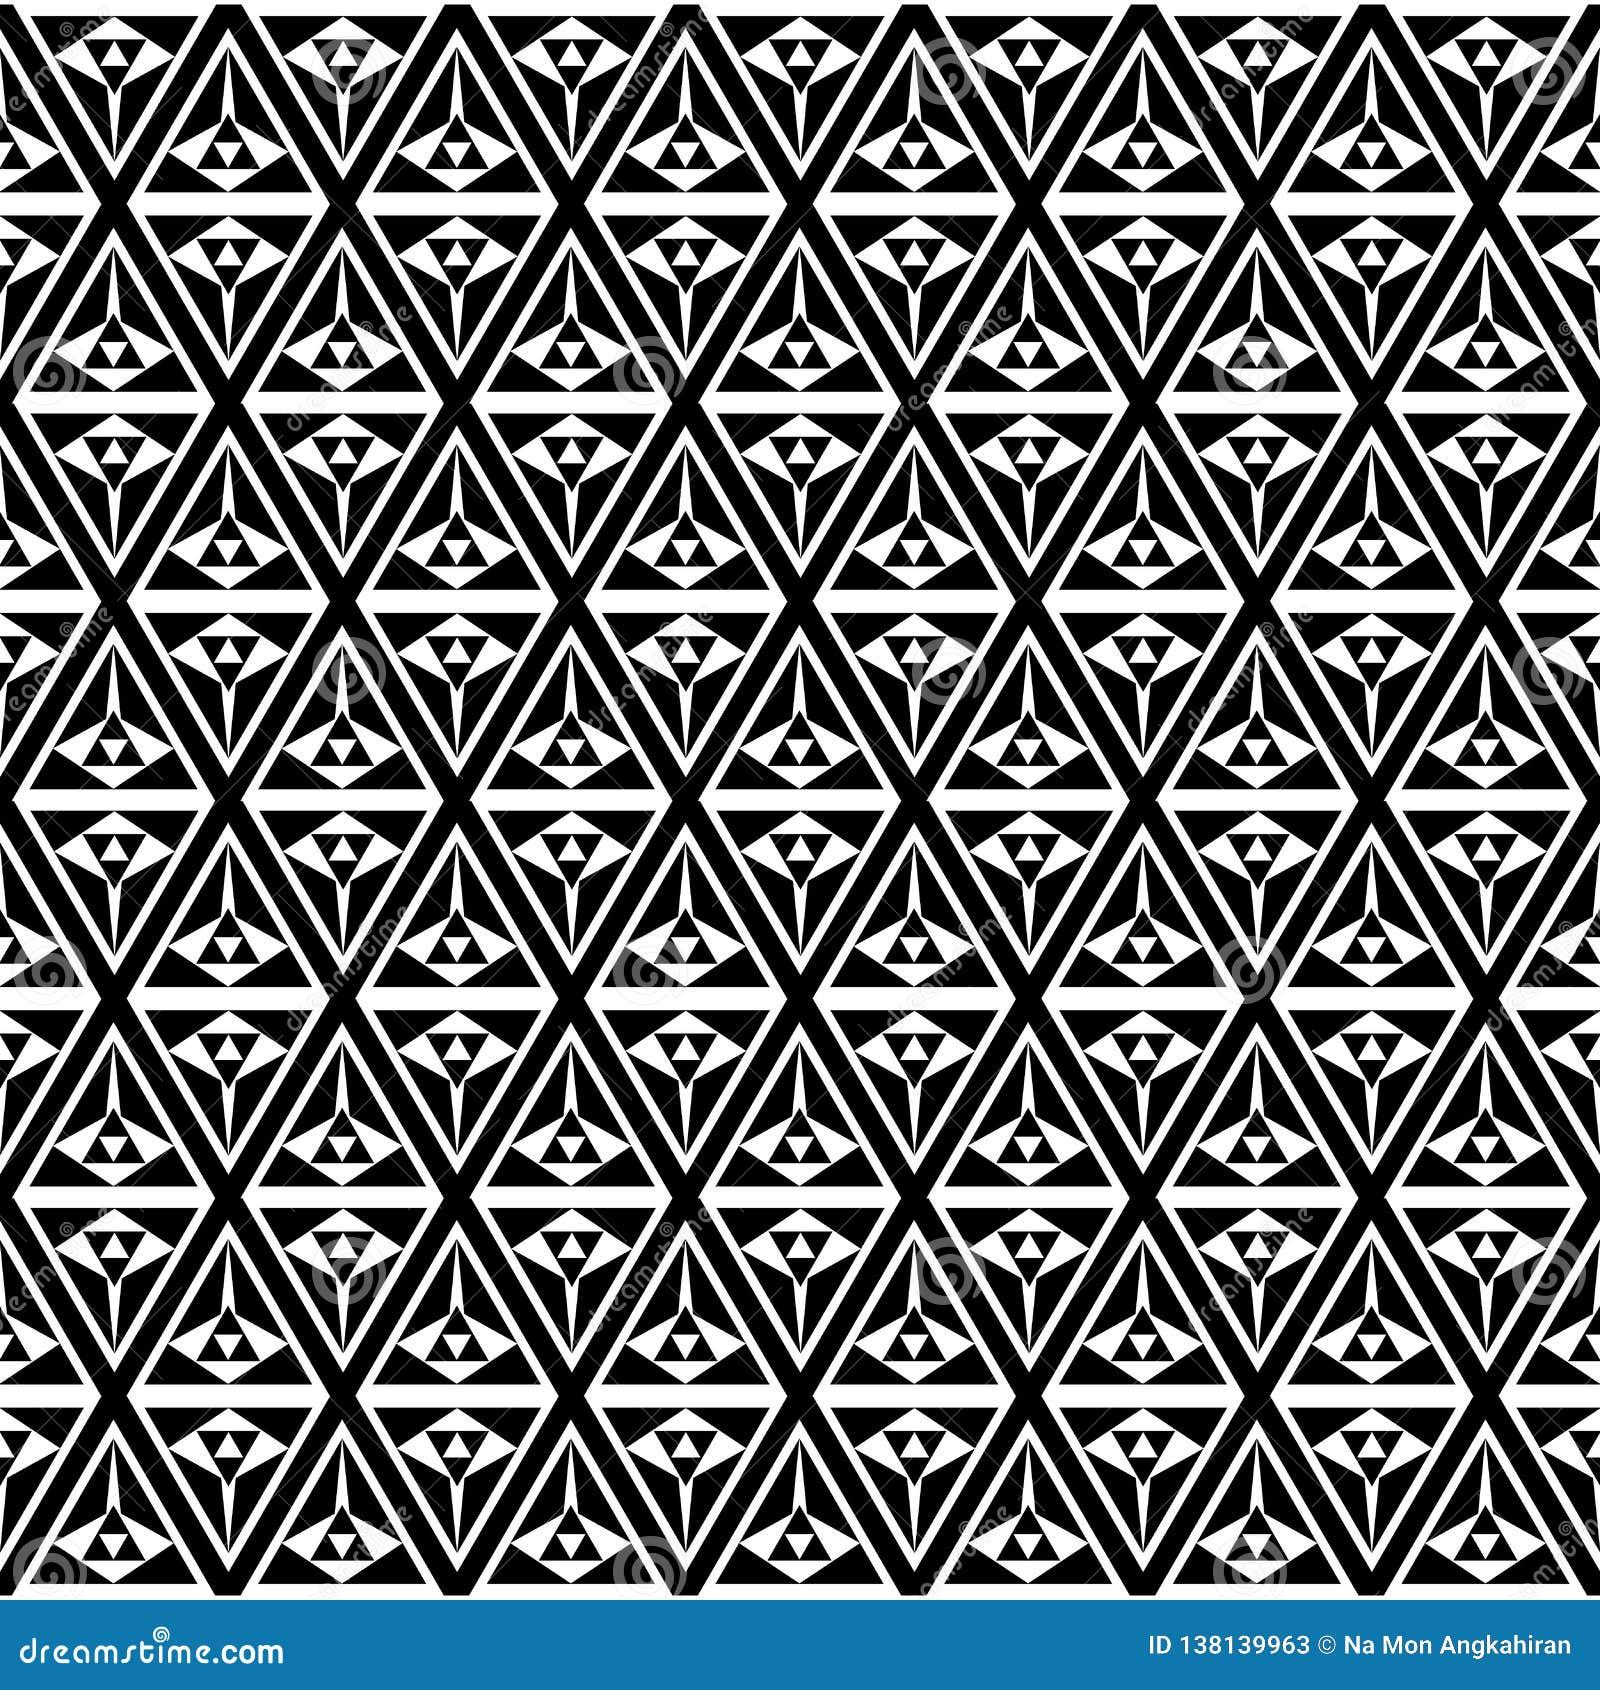 欧普艺术黑白三角样式背景